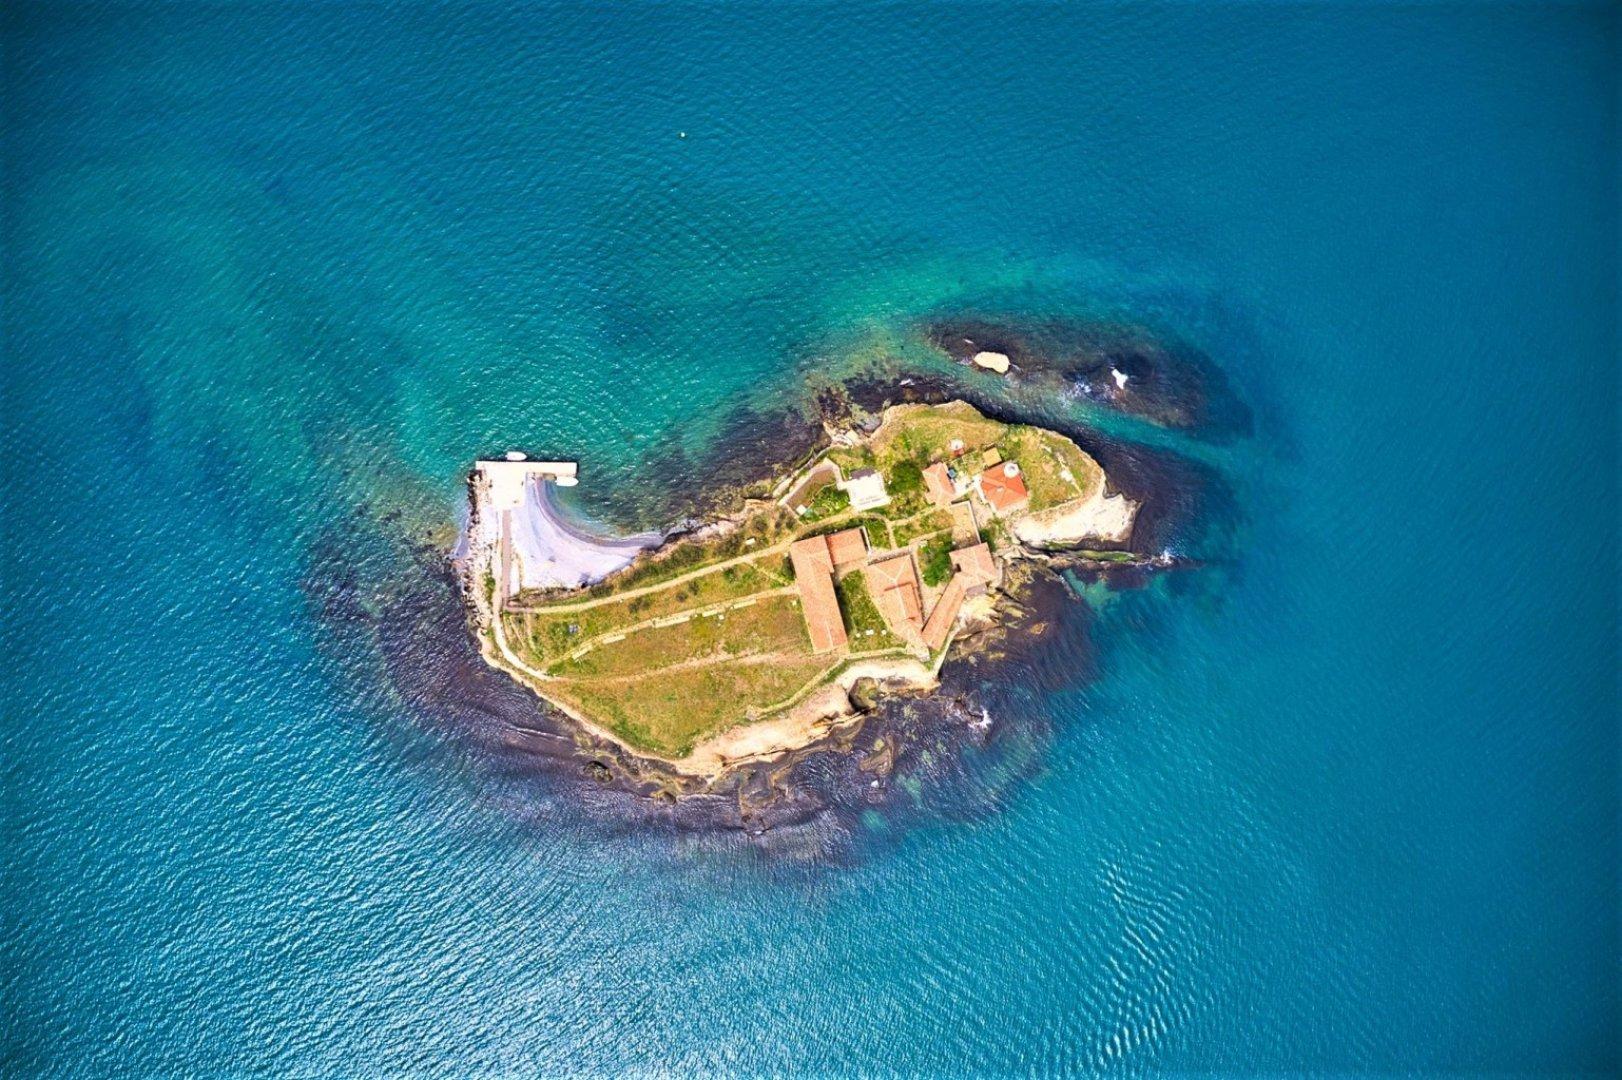 Тази неделя ще се проведе Ден на чистото море, а гостите на острова ще опитат безплатно черноморски миди. Снимки Община Бургас